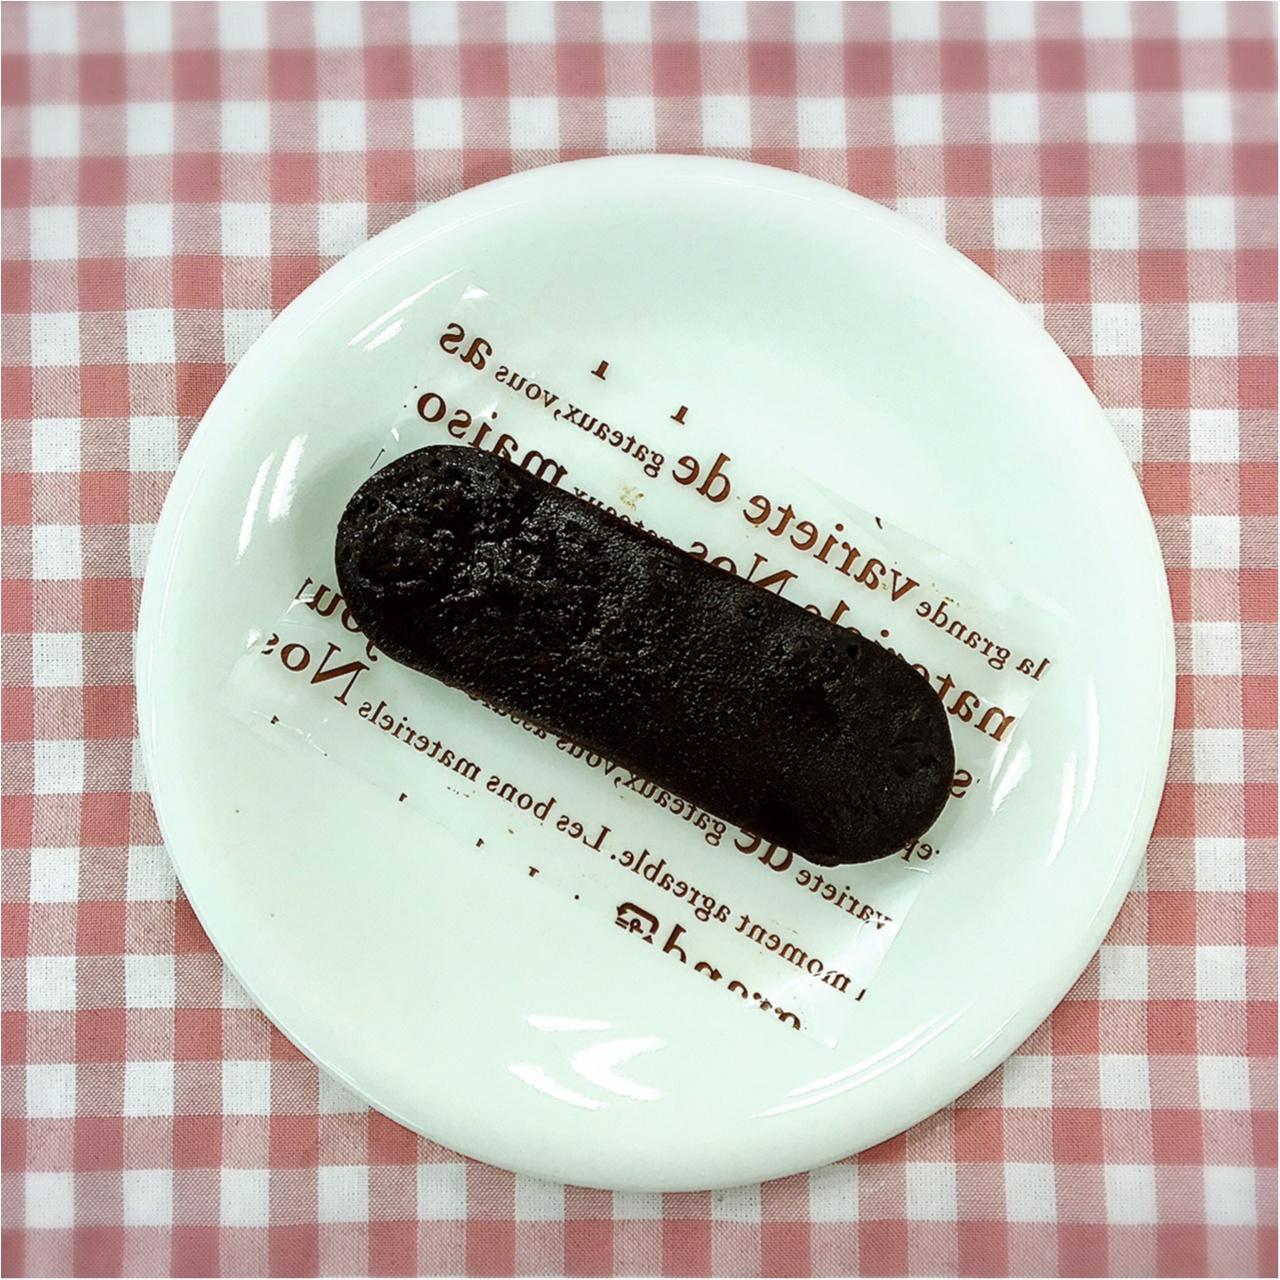 ガトーショコラの最高峰『ケンズカフェ』監修! 話題の『ファミリーマート』の本格スイーツを食べてみた♡_2